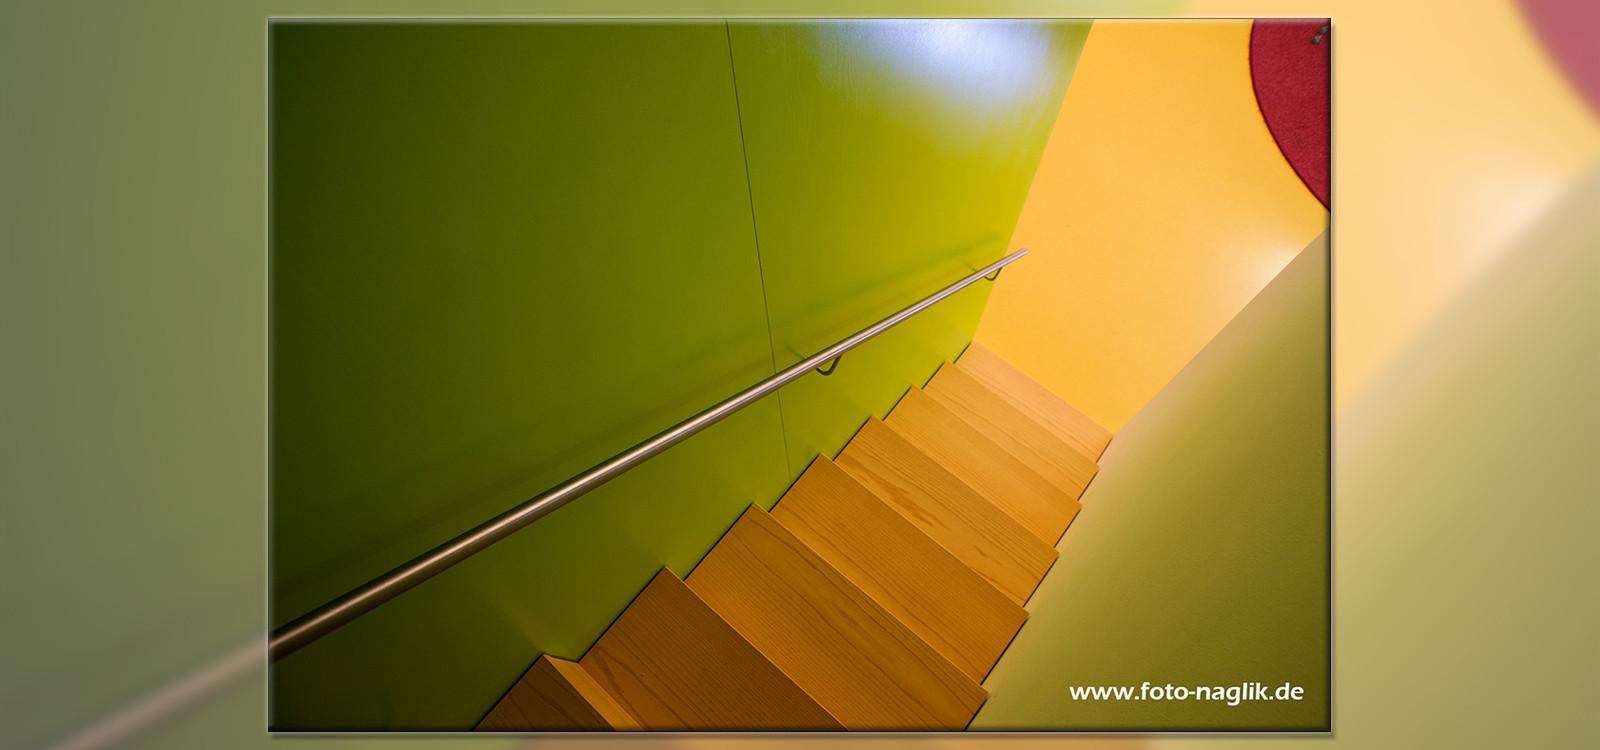 Naglik-Foto-Erding-Architektur-14